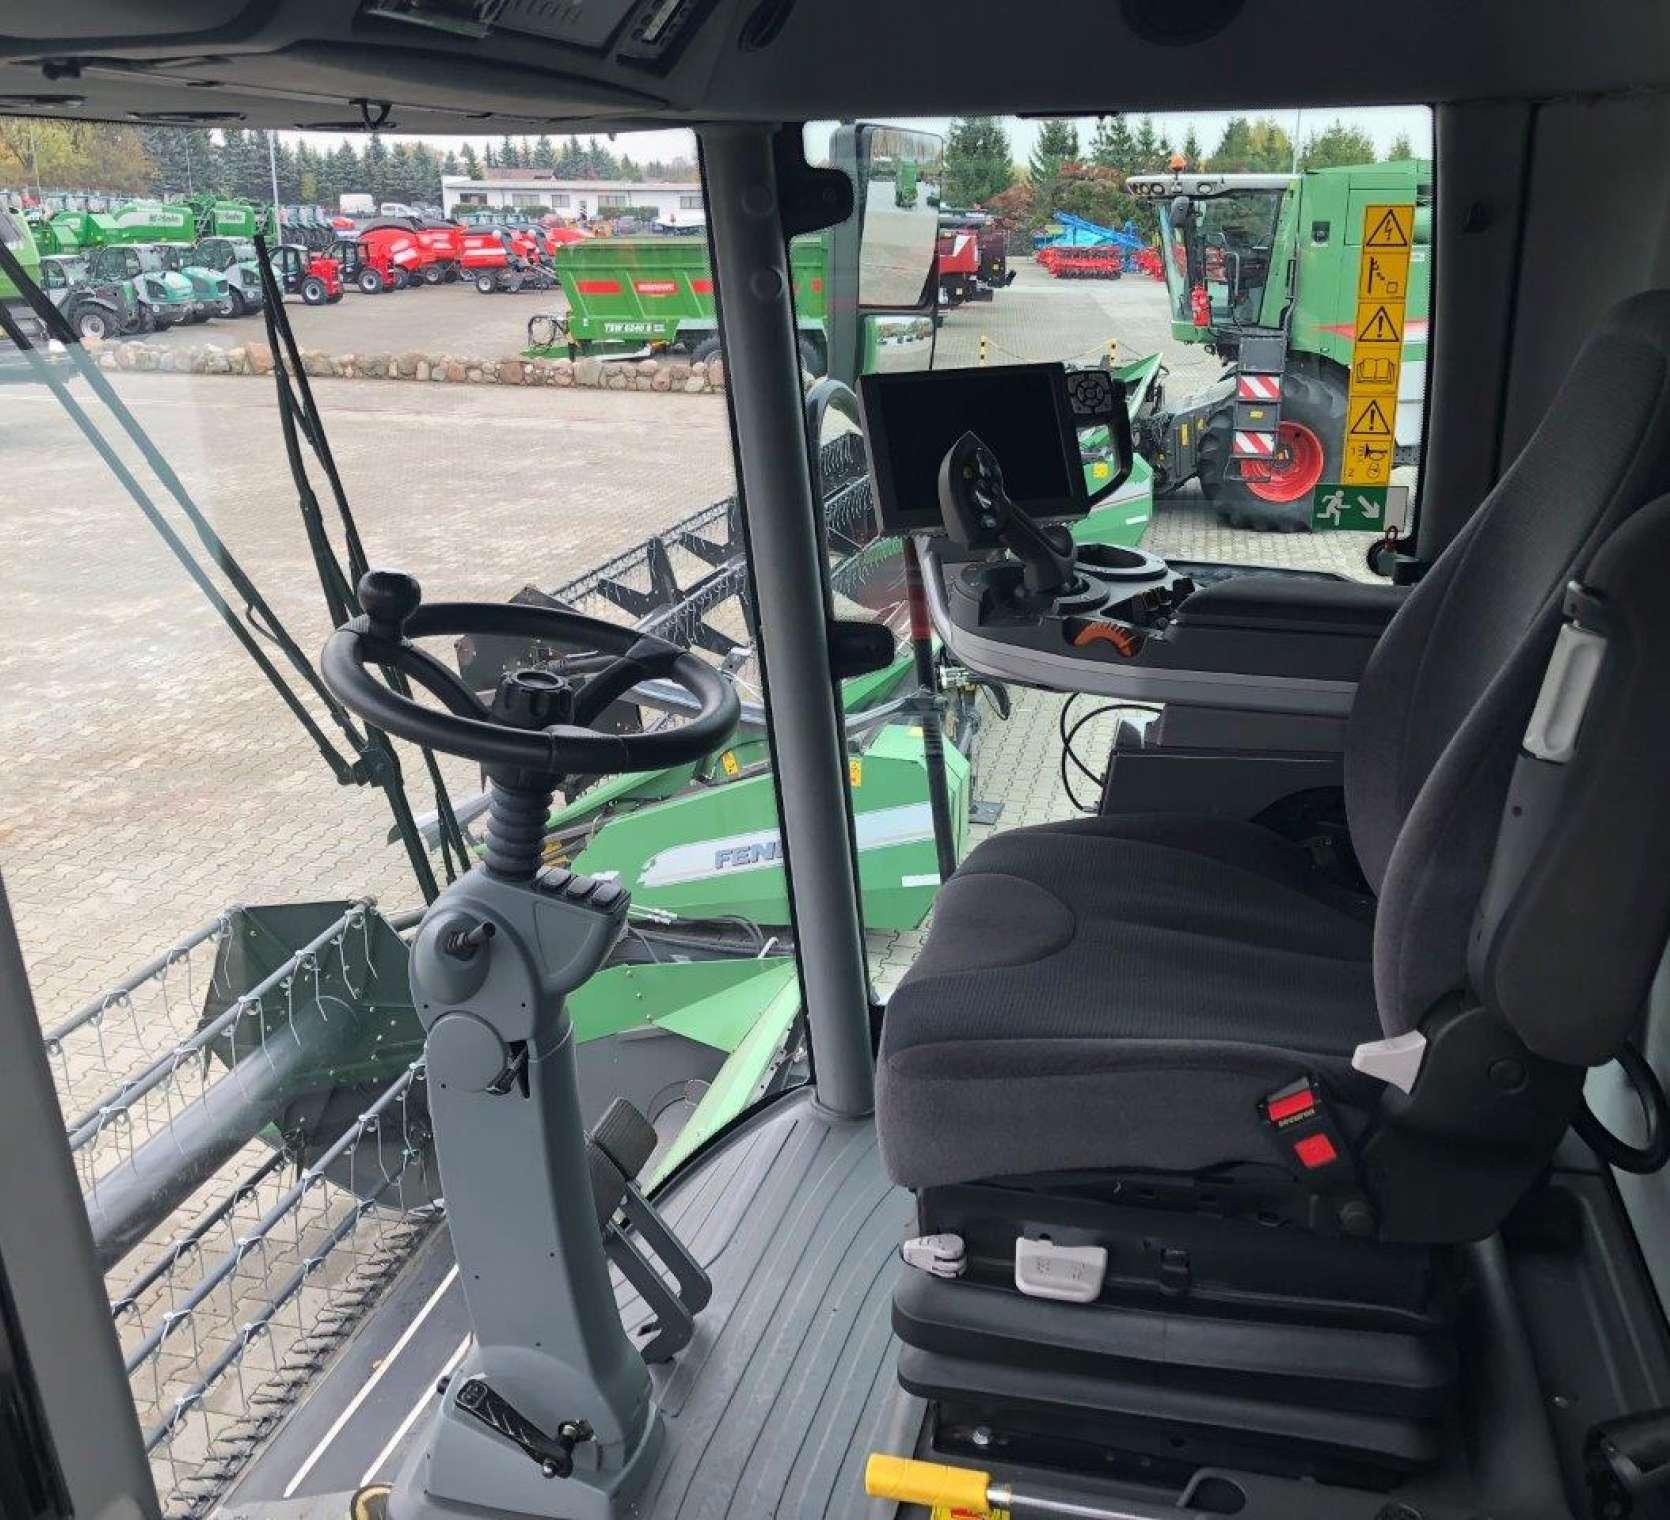 Komfortowe wnętrze kabiny w kombajnie zbożowym 6335 C zdjęcie z lewej strony z widokiem na utwardzony plac maszyn korbanek.pl